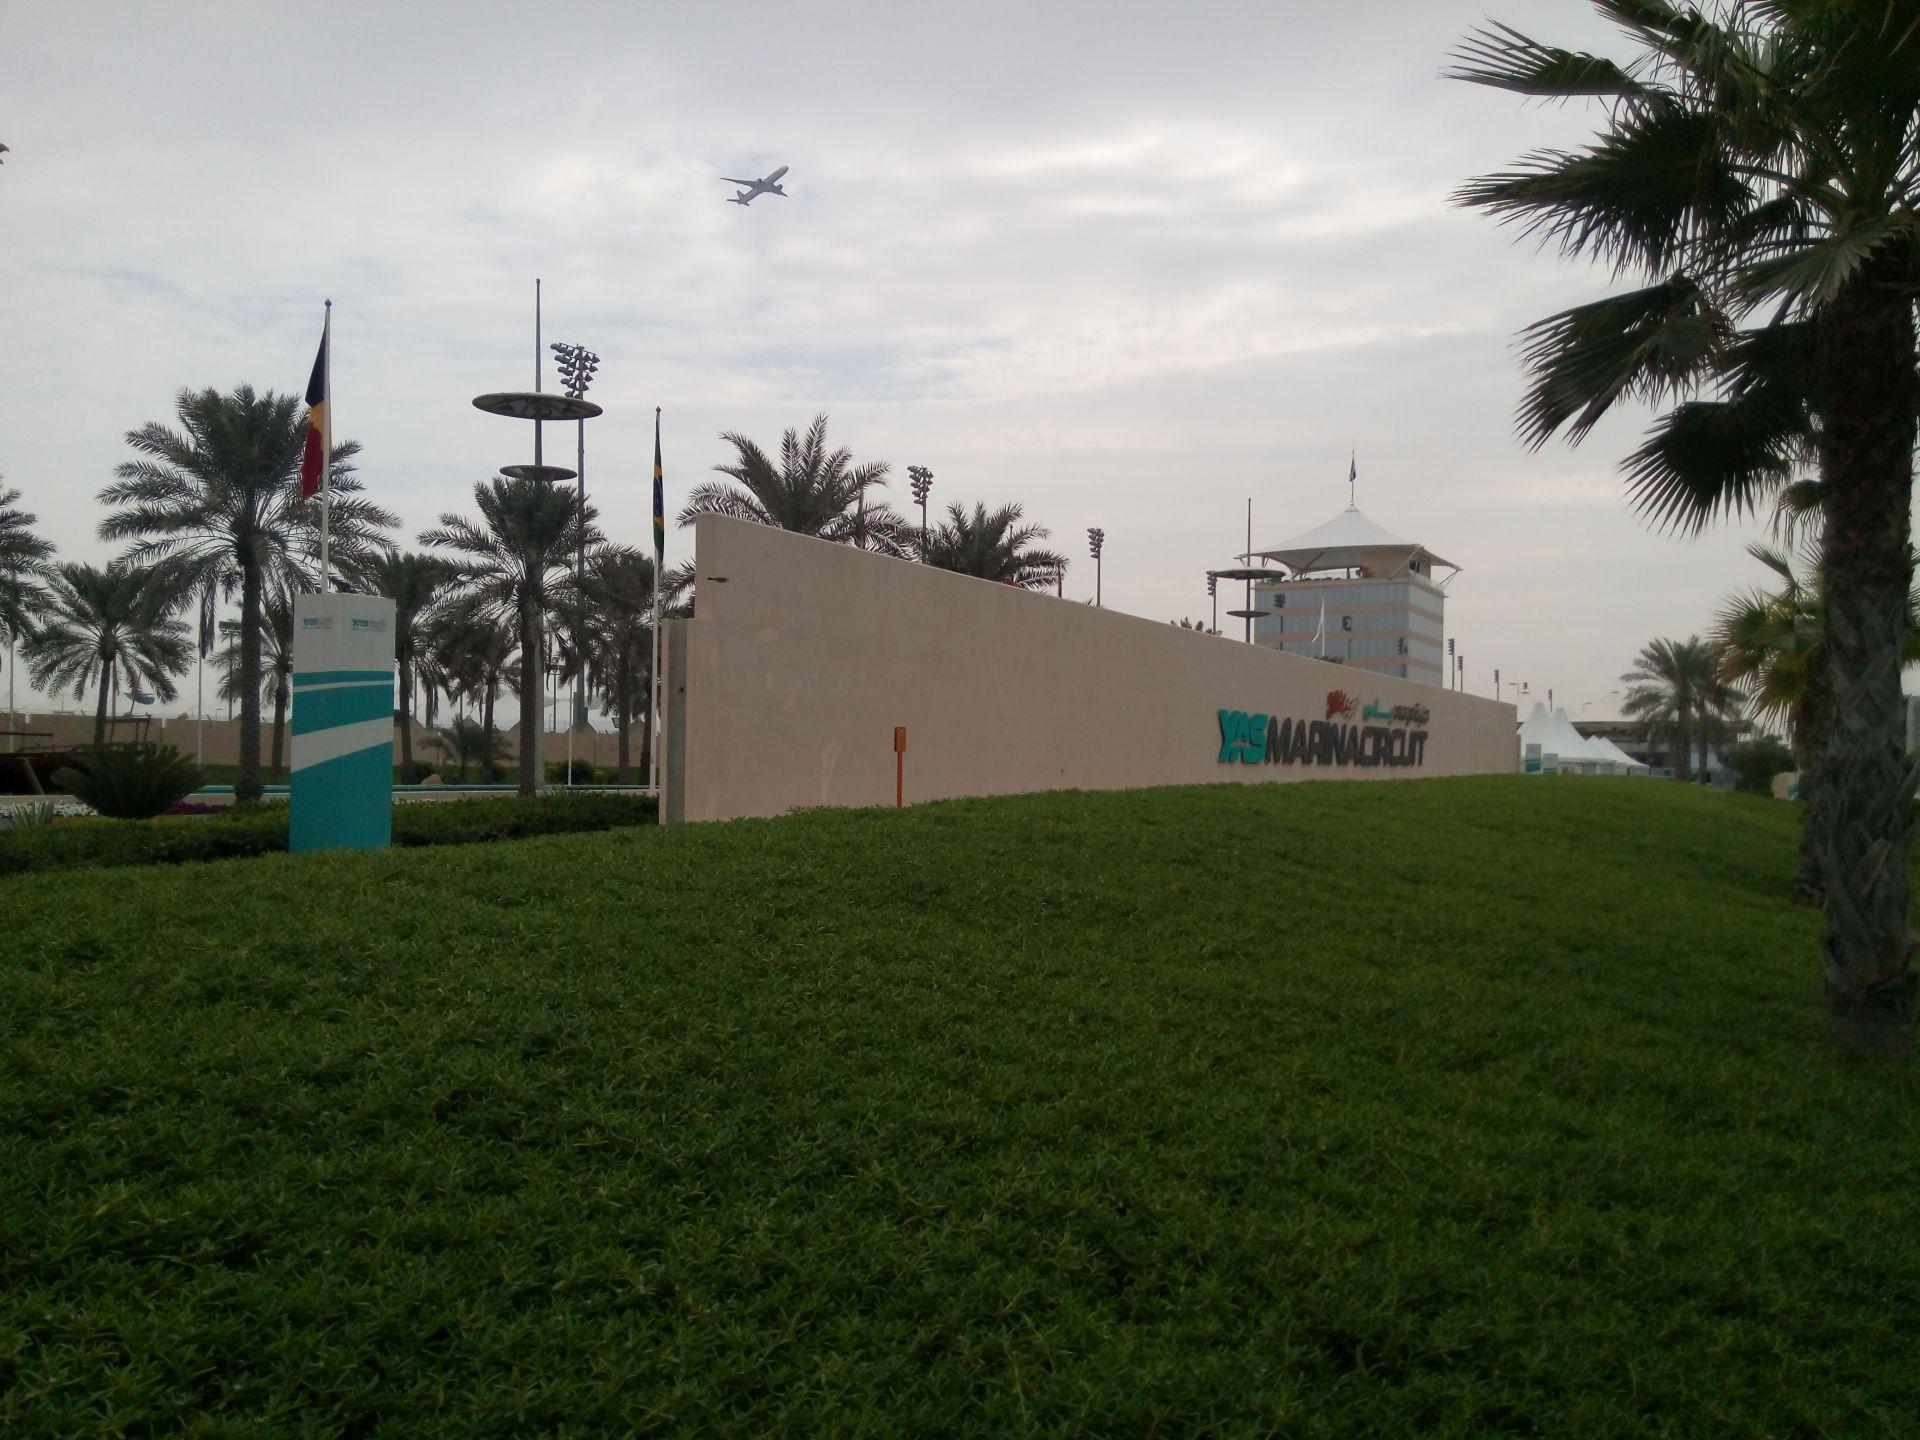 Csak a szokásos Abu Dhabiban: két DRS-zóna, Warwick a negyedik bíró